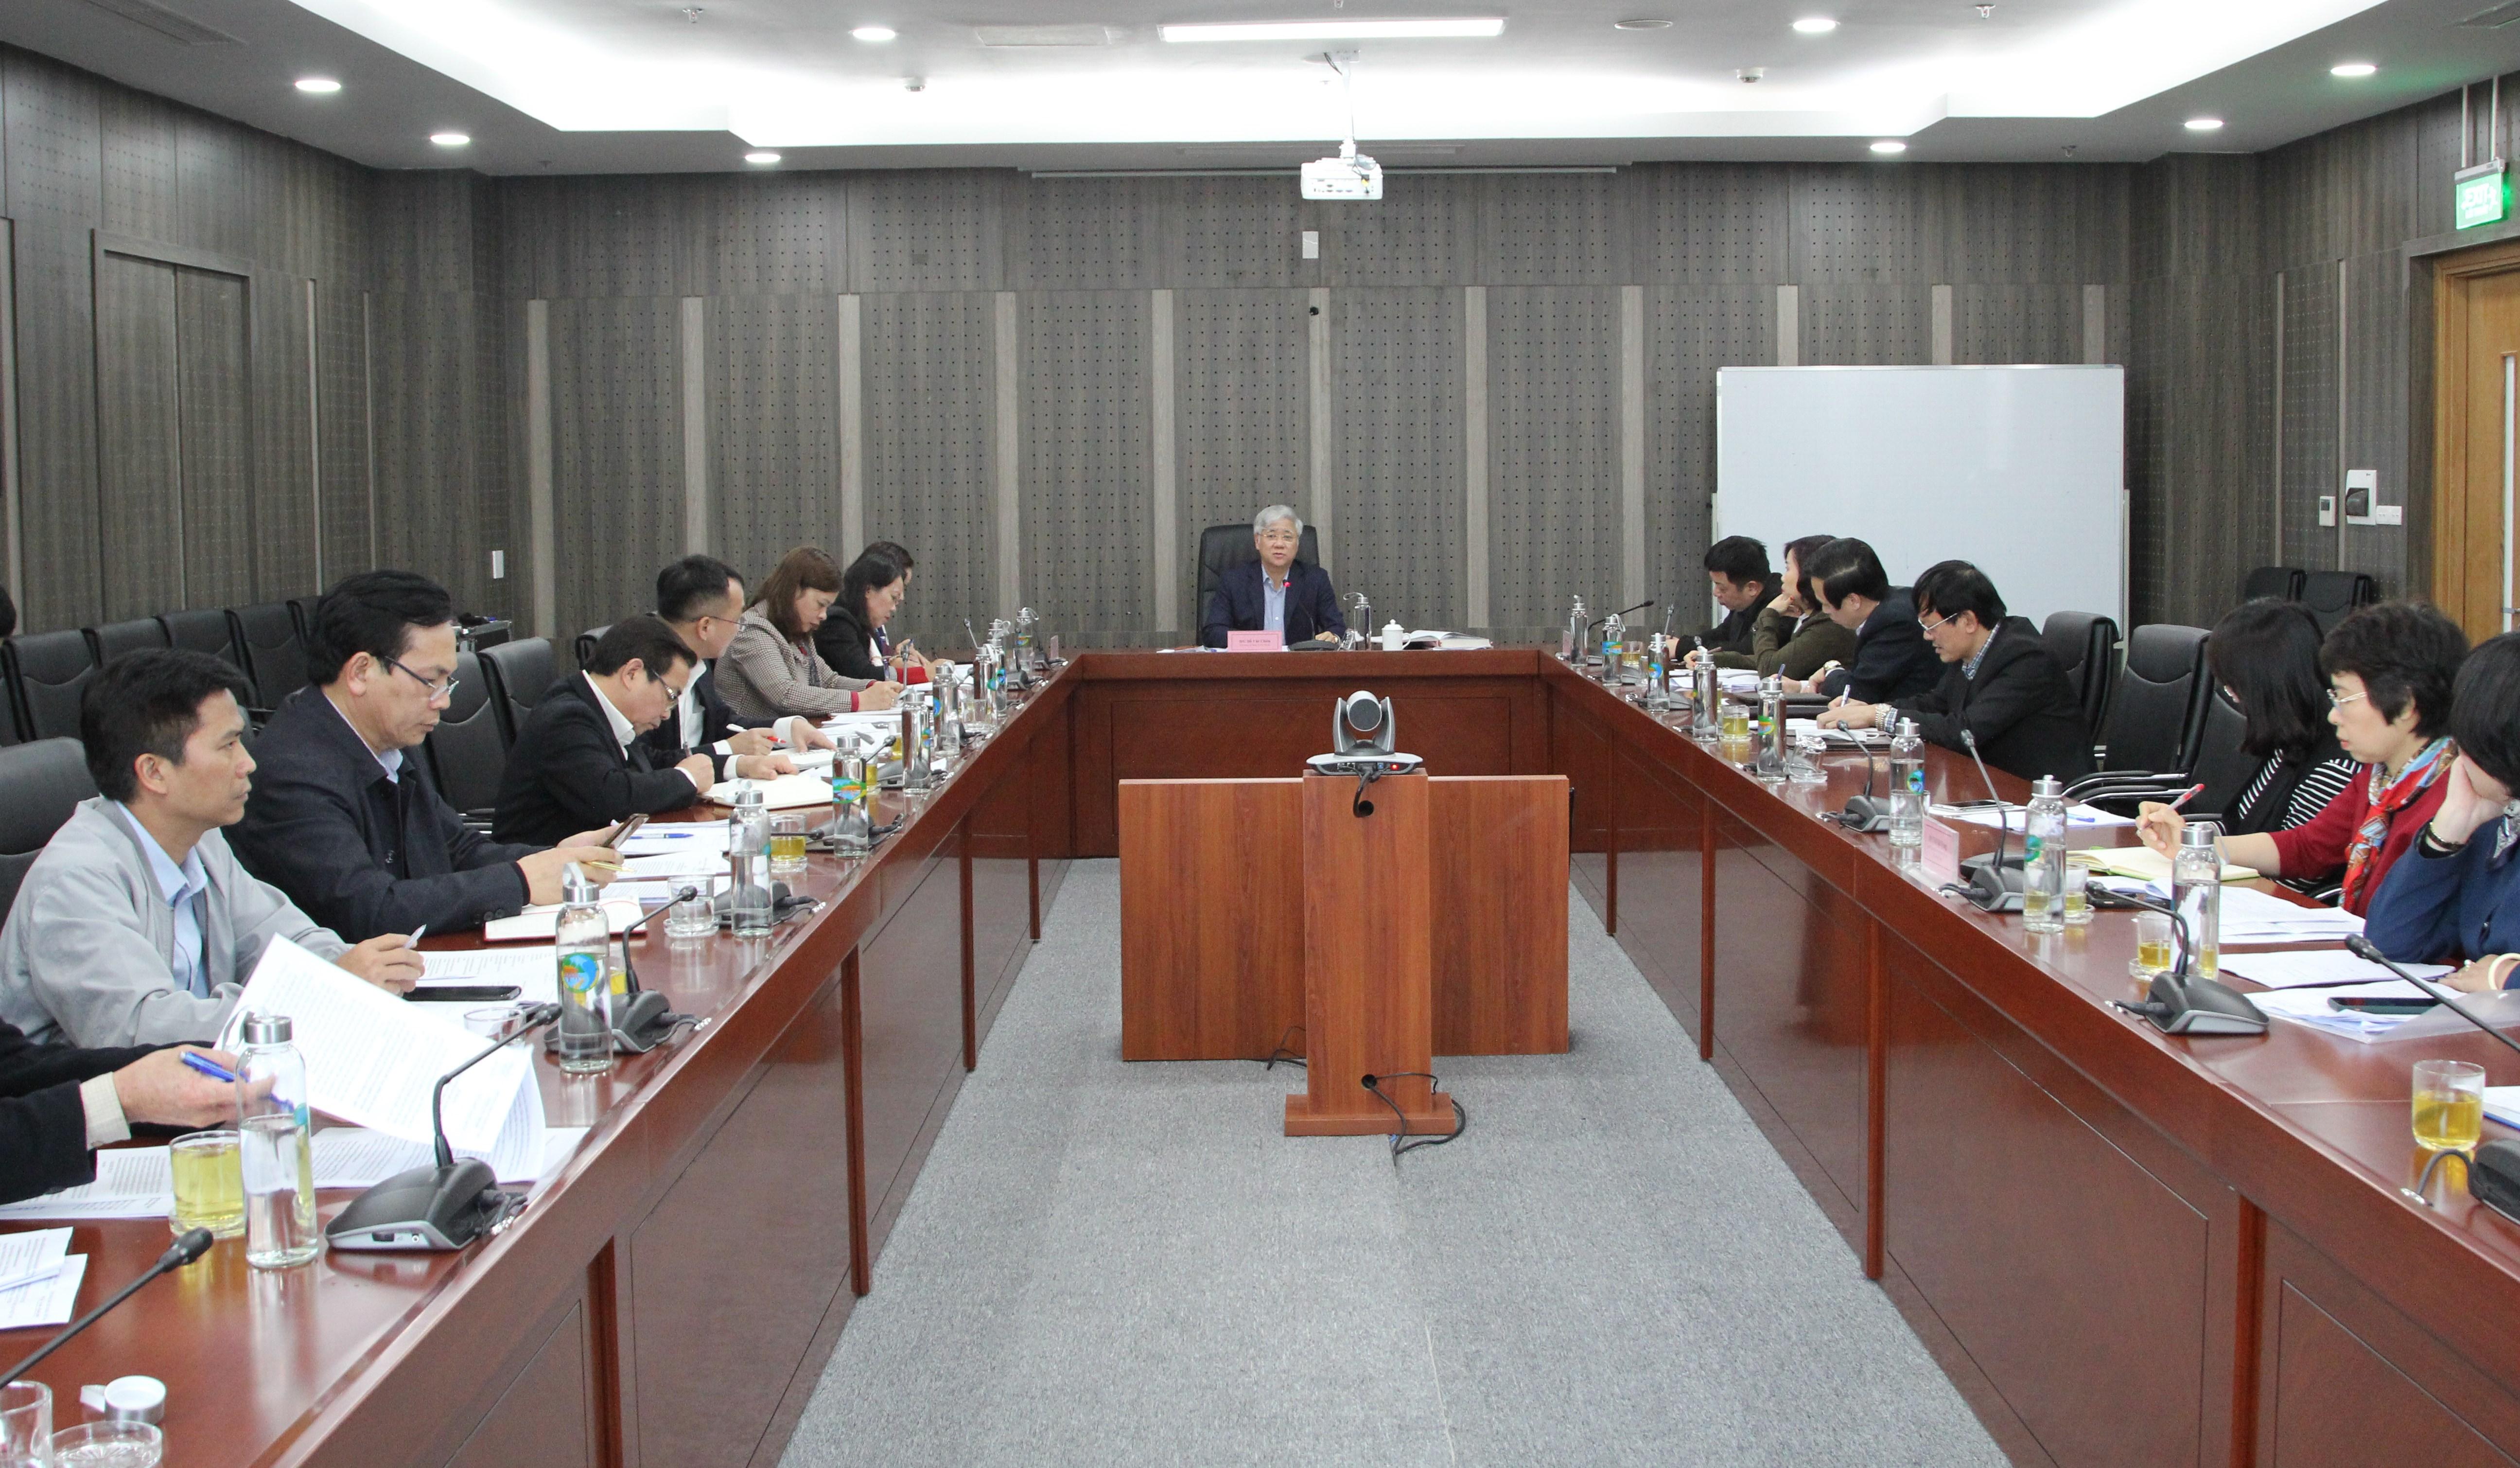 Bộ trưởng, Chủ nhiệm UBDT Đỗ Văn Chiến chủ trì buổi làm việc với Tiểu ban Tuyên truyền - Khánh tiết